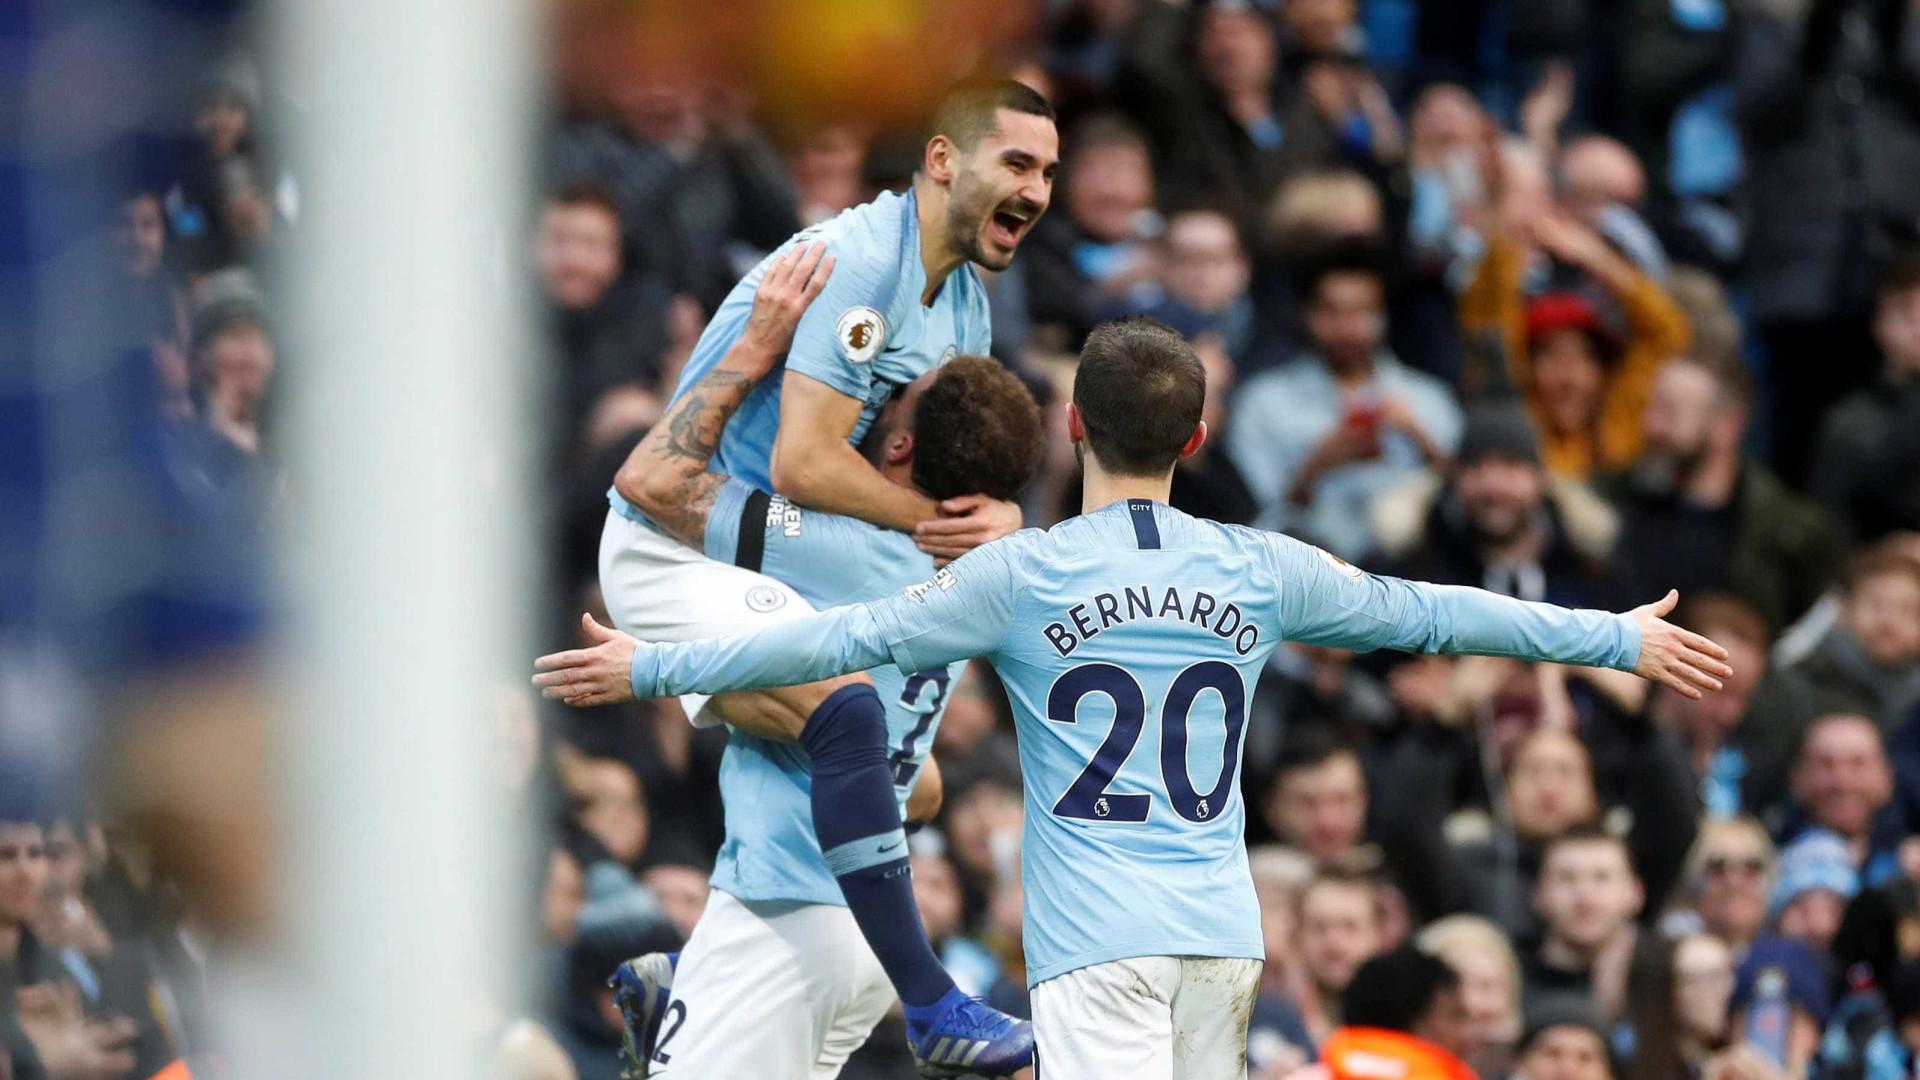 b76999f7c58 Adeus Nike. Manchester City assina contrato  assombroso  com a Puma